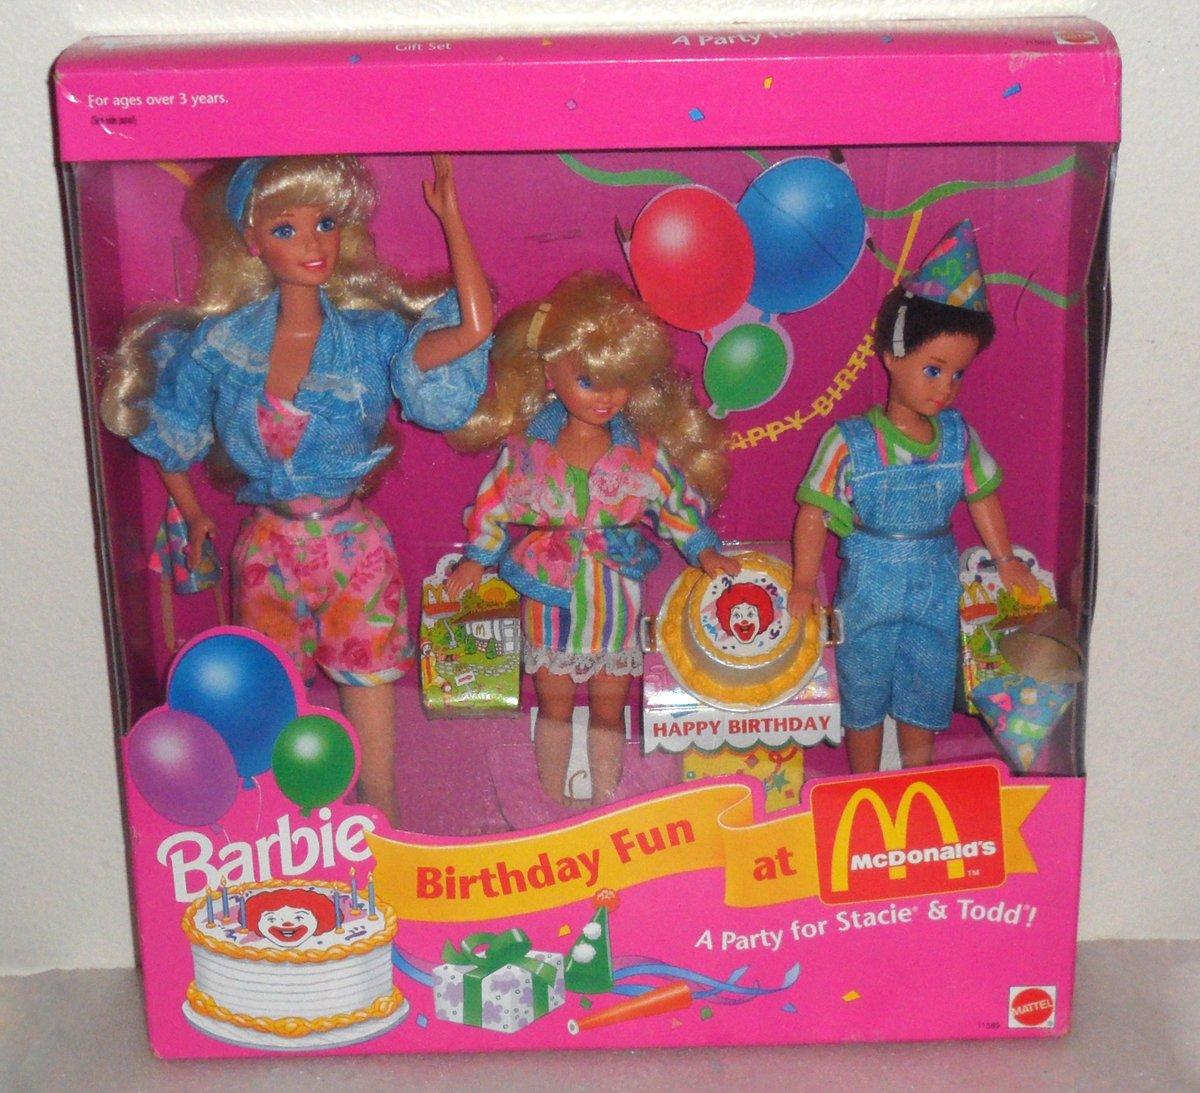 バービー バースデー Fun at at McDonald's party - A A party Stacie Todd (1993) 131002fnp [並行輸入品] B005JLFH80, キーリン:168c39b3 --- arvoreazul.com.br